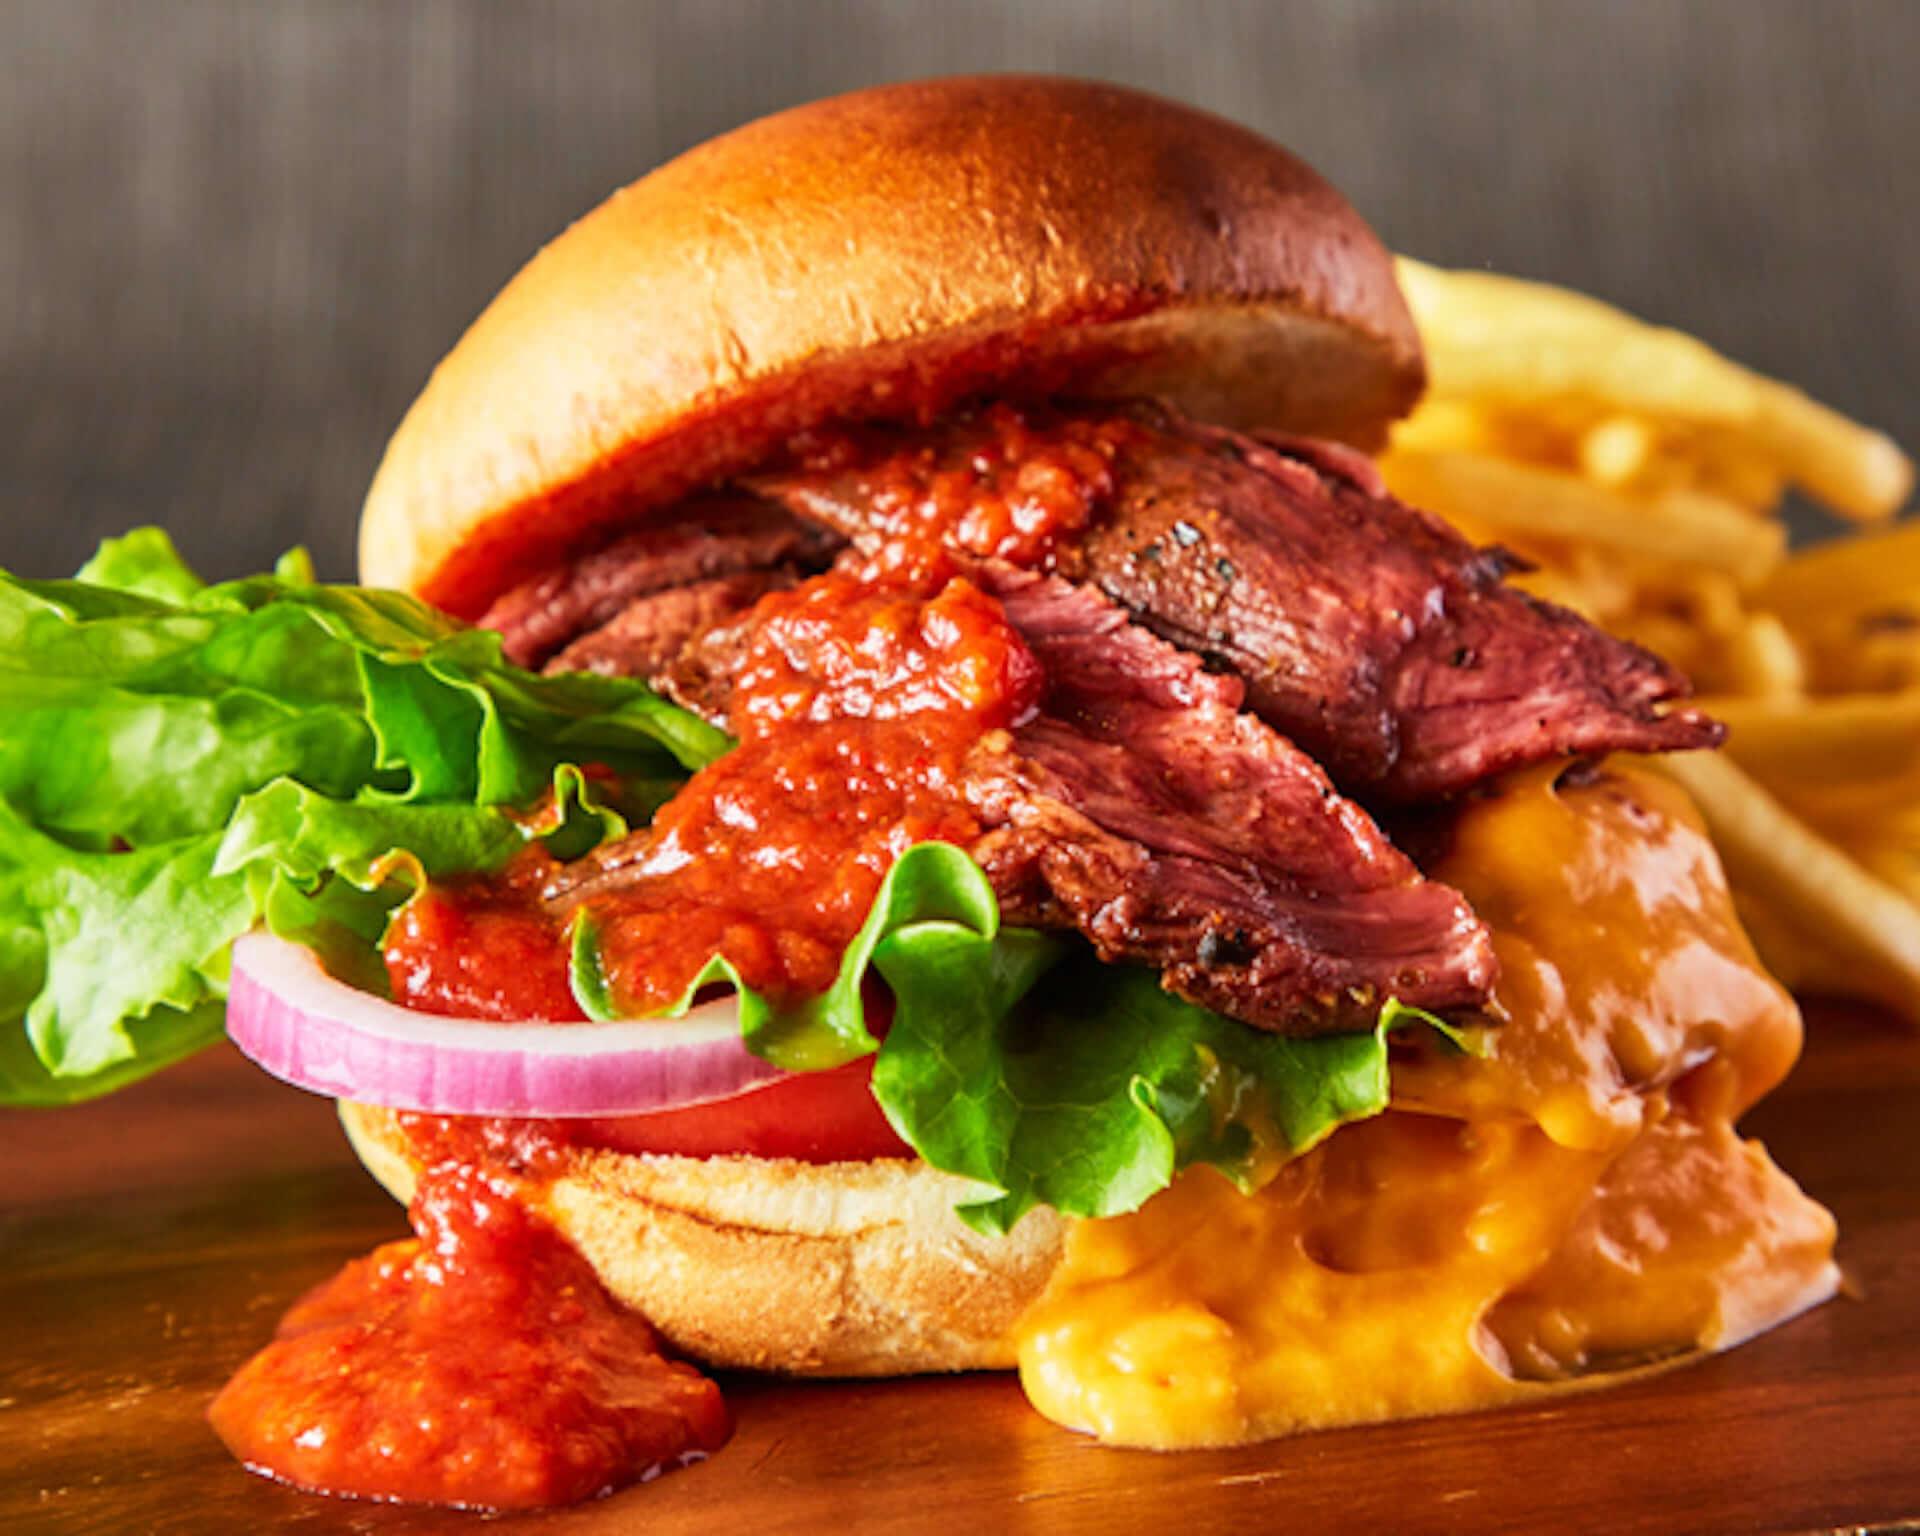 Uber Eatsでお得にハンバーガーを楽しもう!「肉ソンフレッシュです!バーガー 渋谷店」で<食欲の秋!肉肉祭り>キャンペーンが開始 gourmet200901_freshdesu-burger_7-1920x1536